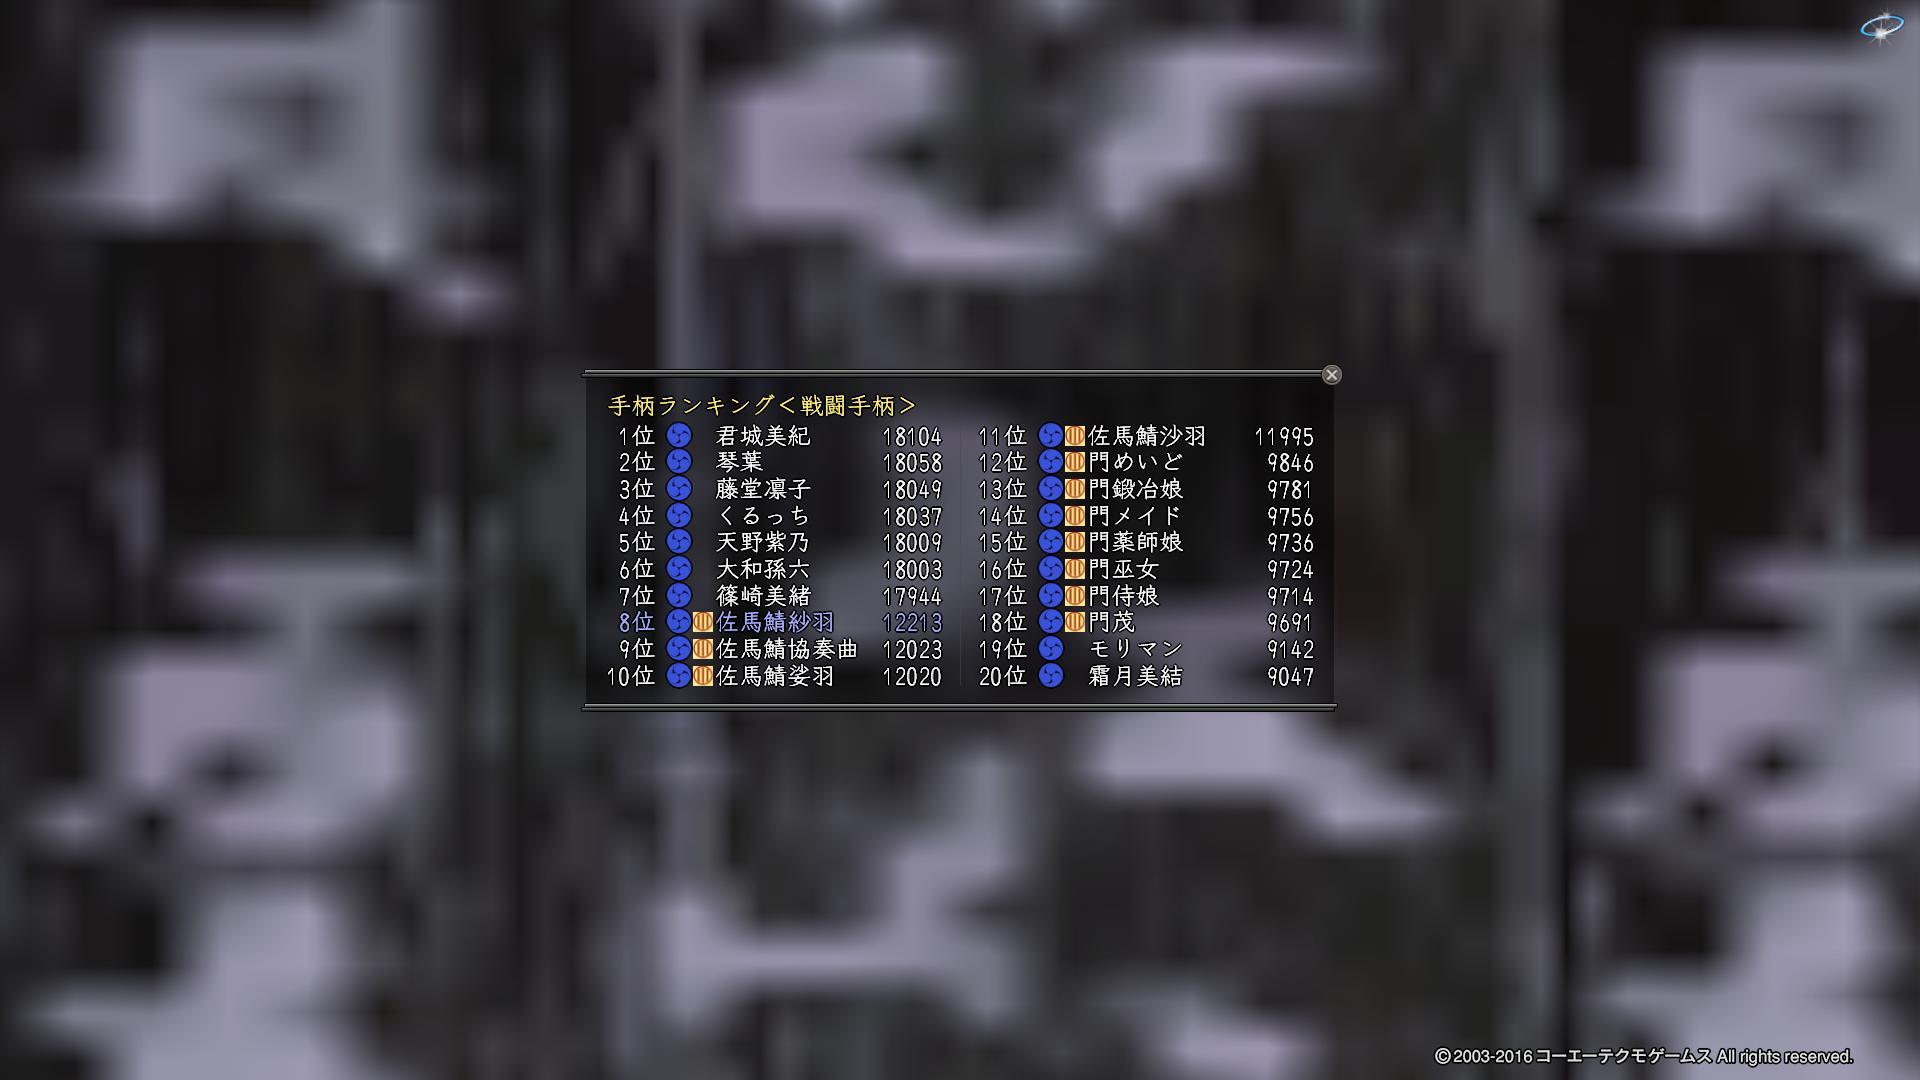 Nol16032003.jpg